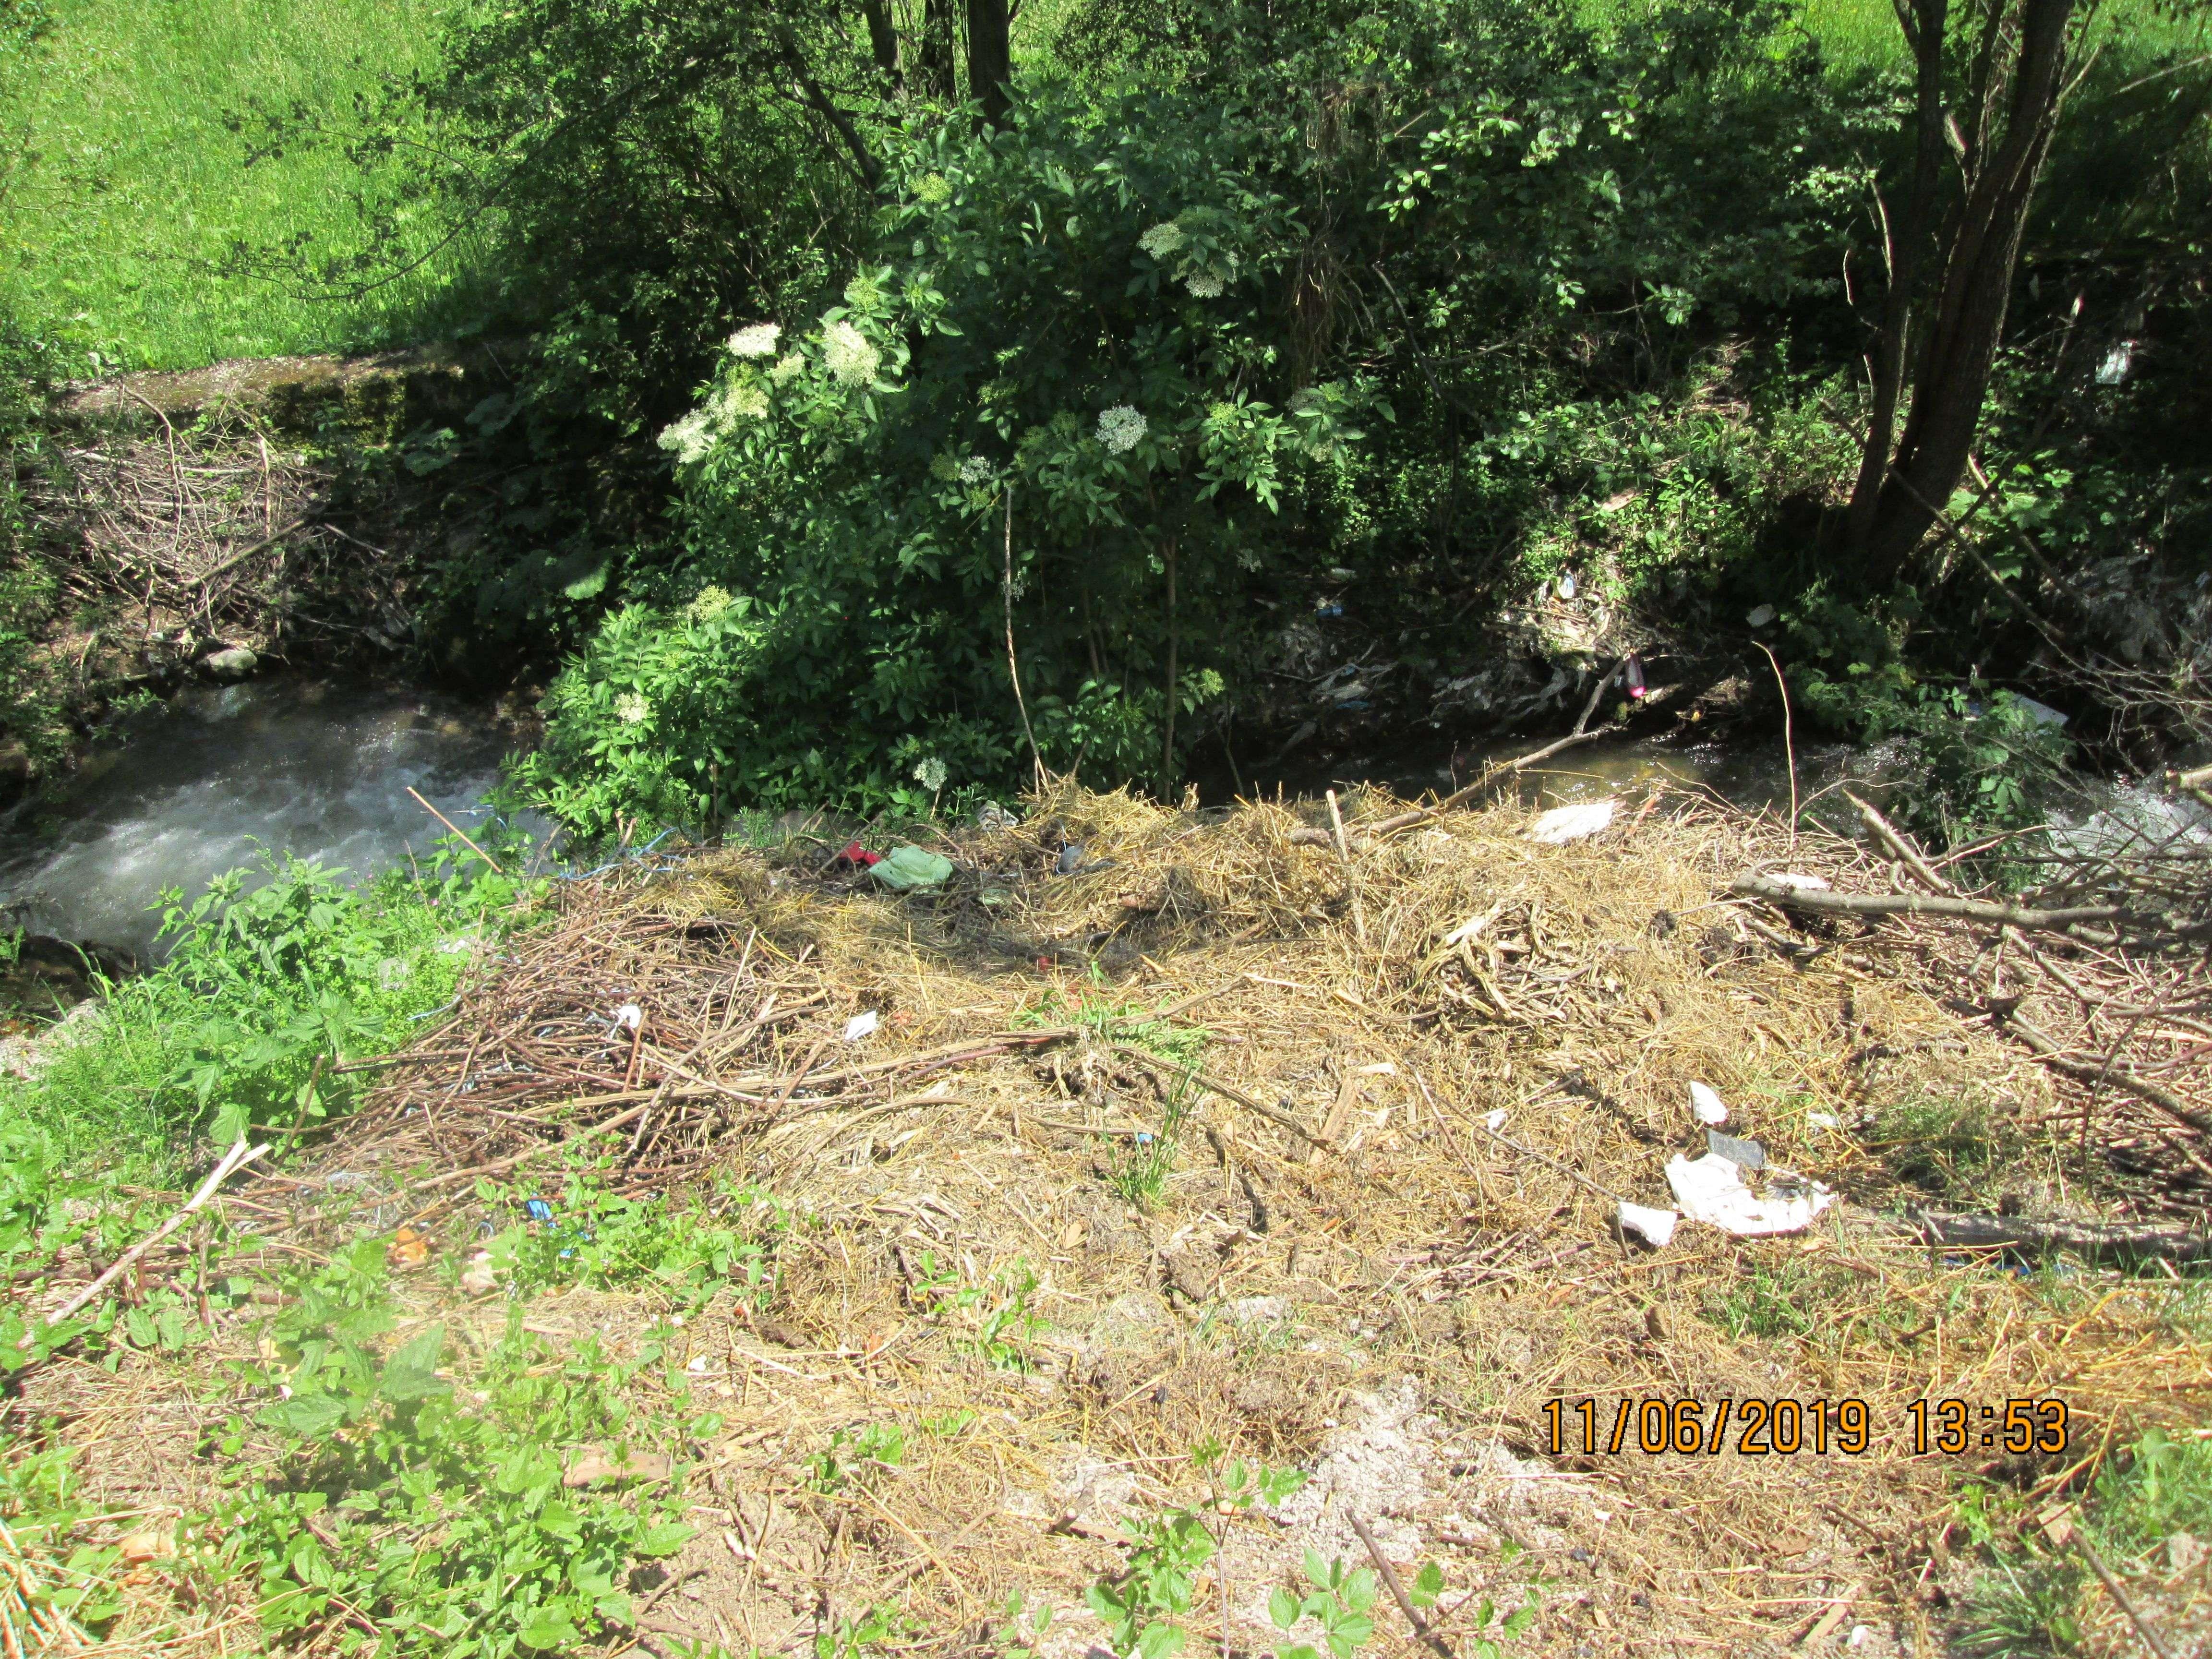 novi travnik: u očišćena korita rijeka ponovno se baca smeće